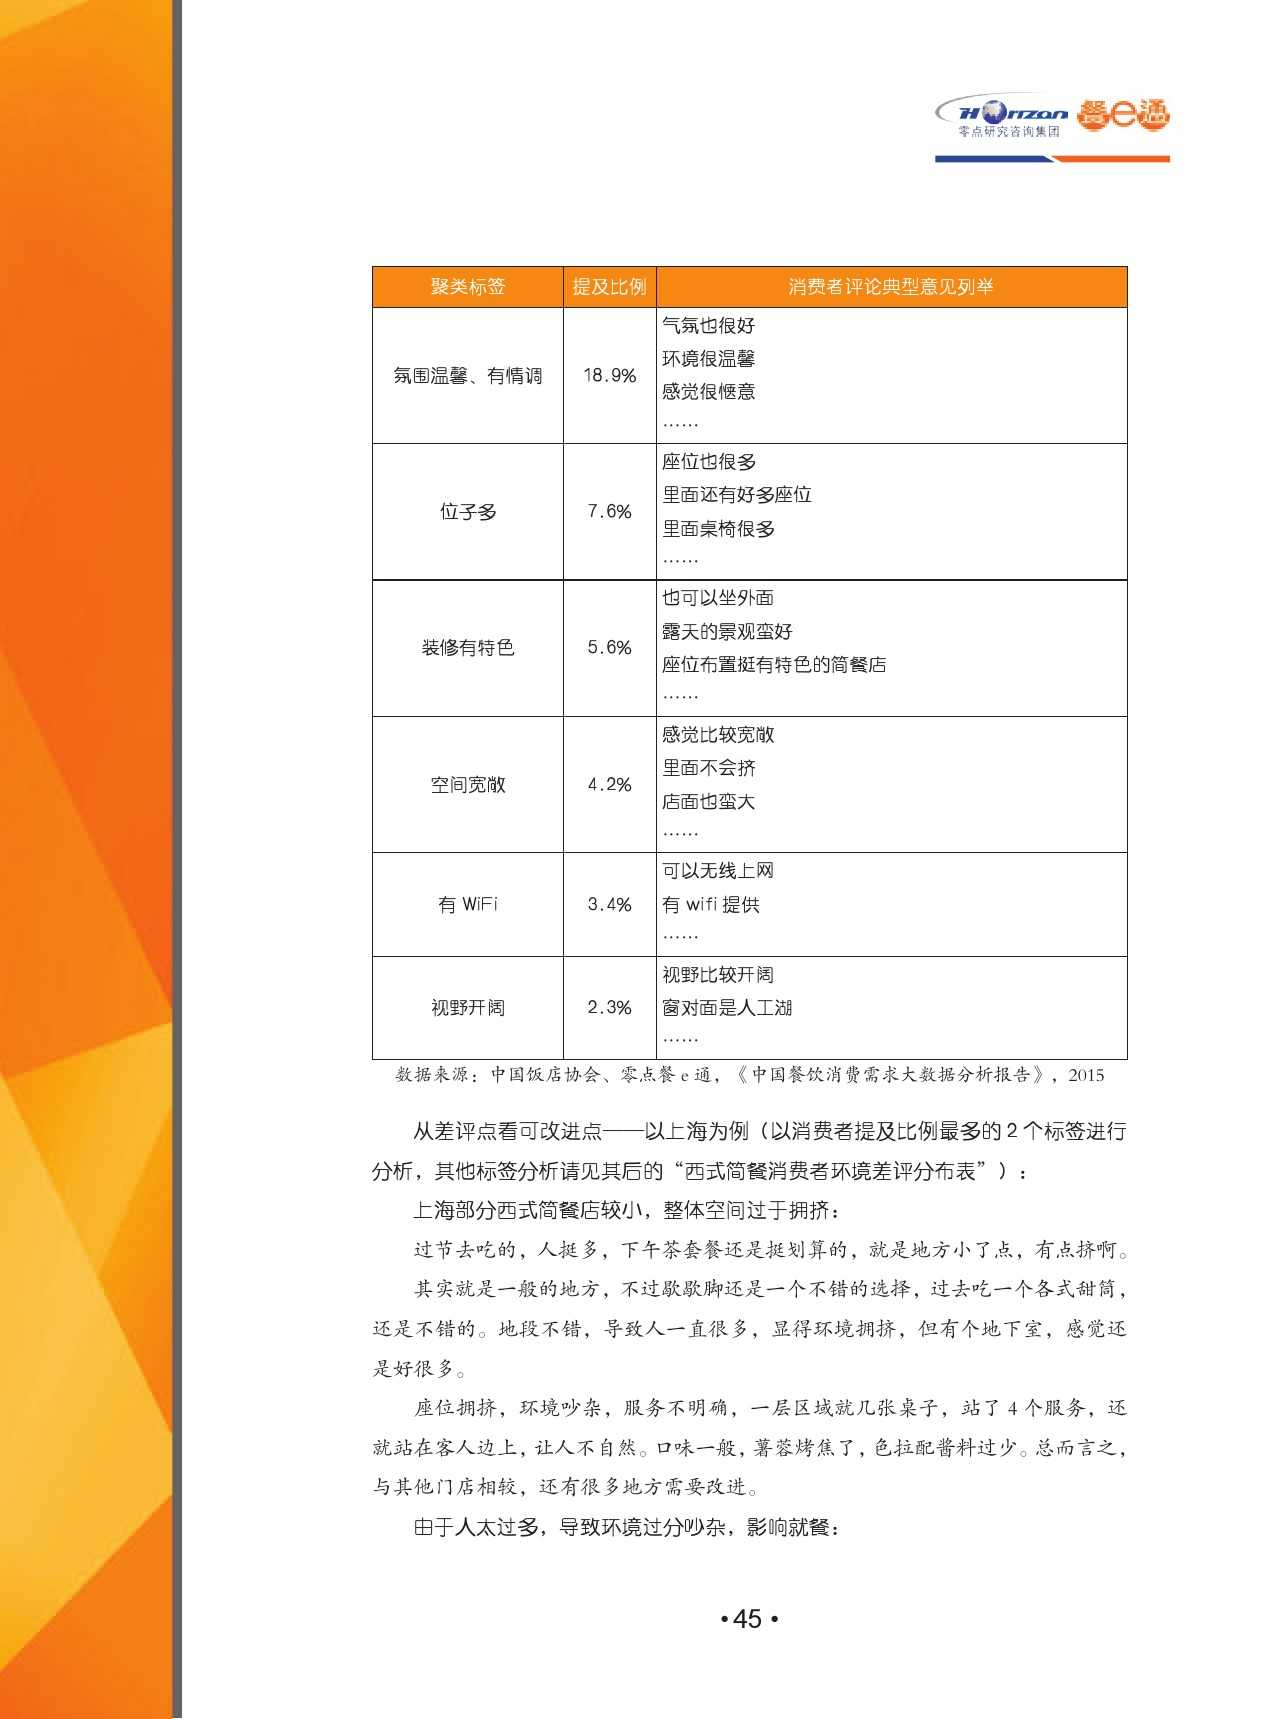 2015中国餐饮消费需求大数据分析报告_000047